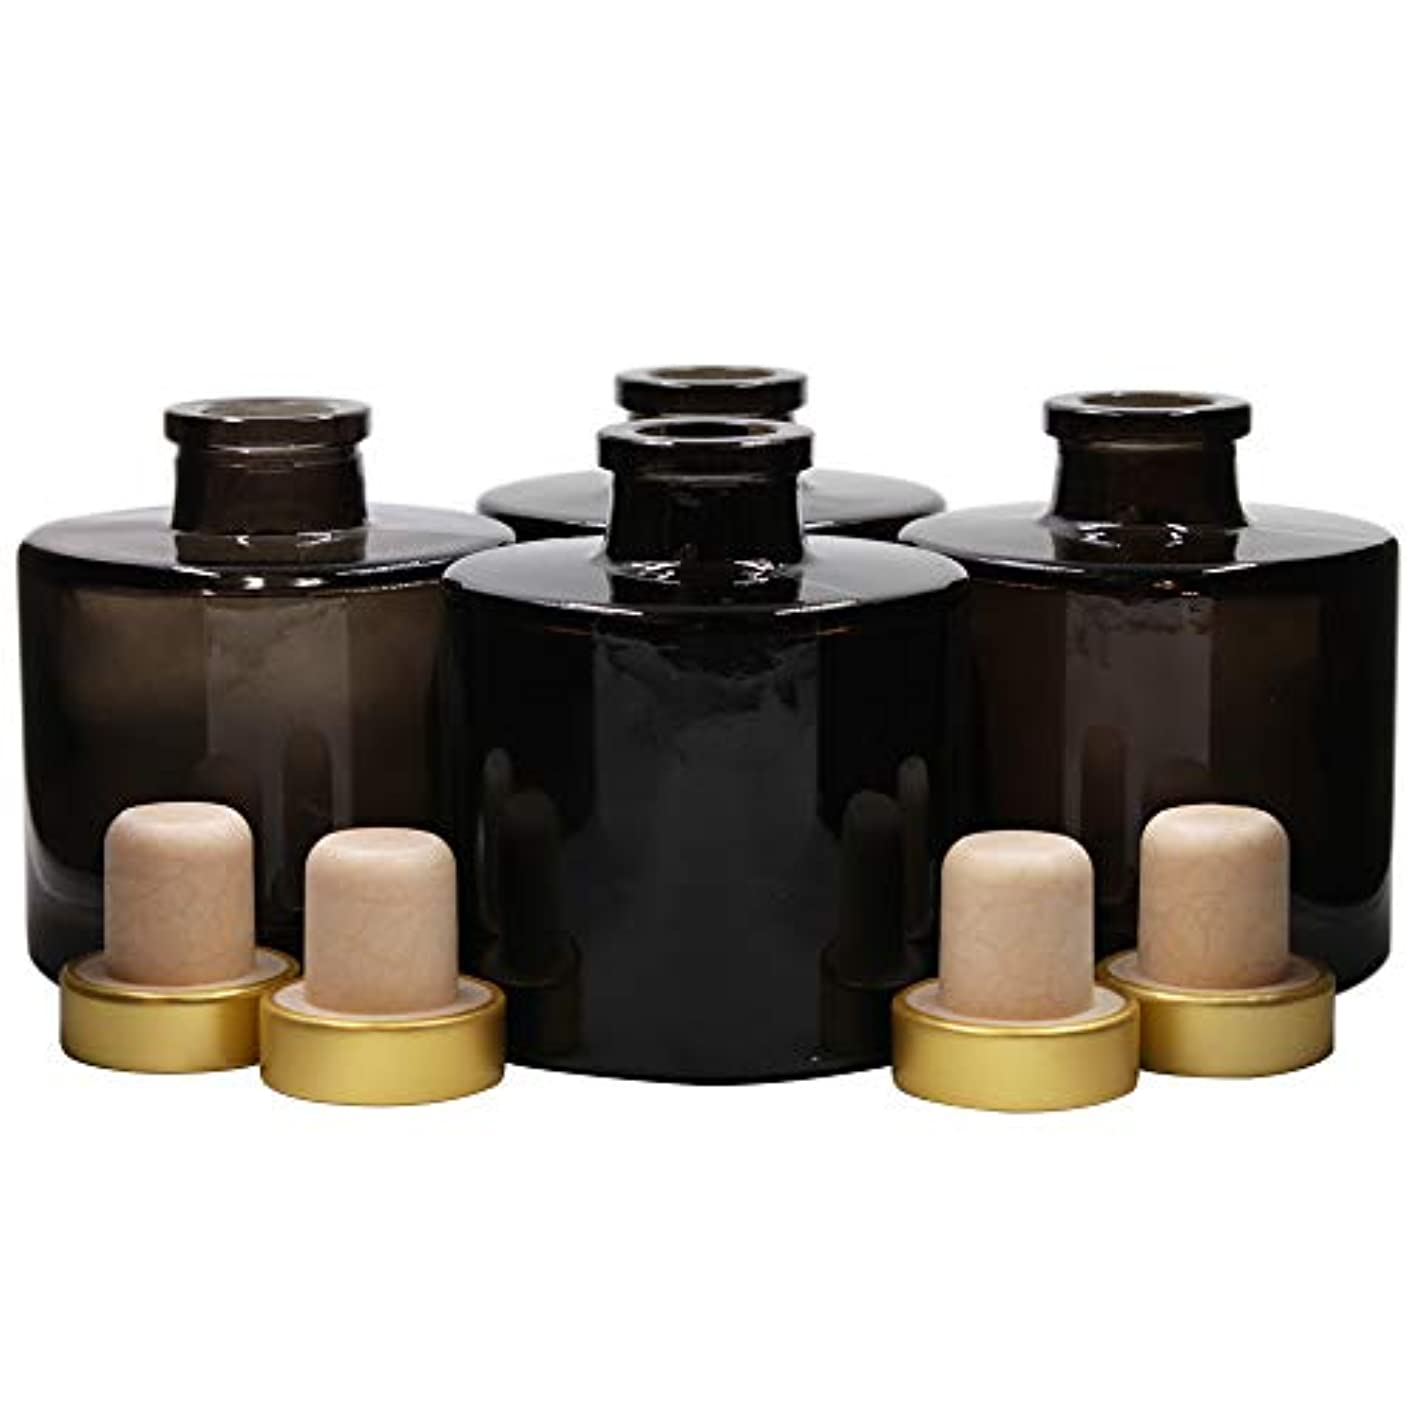 中傷バーゲンポットFeel Fragrance リードディフューザー用 リードディフューザーボトル 容器 黒色 蓋付き 4本セット (100ML円形)